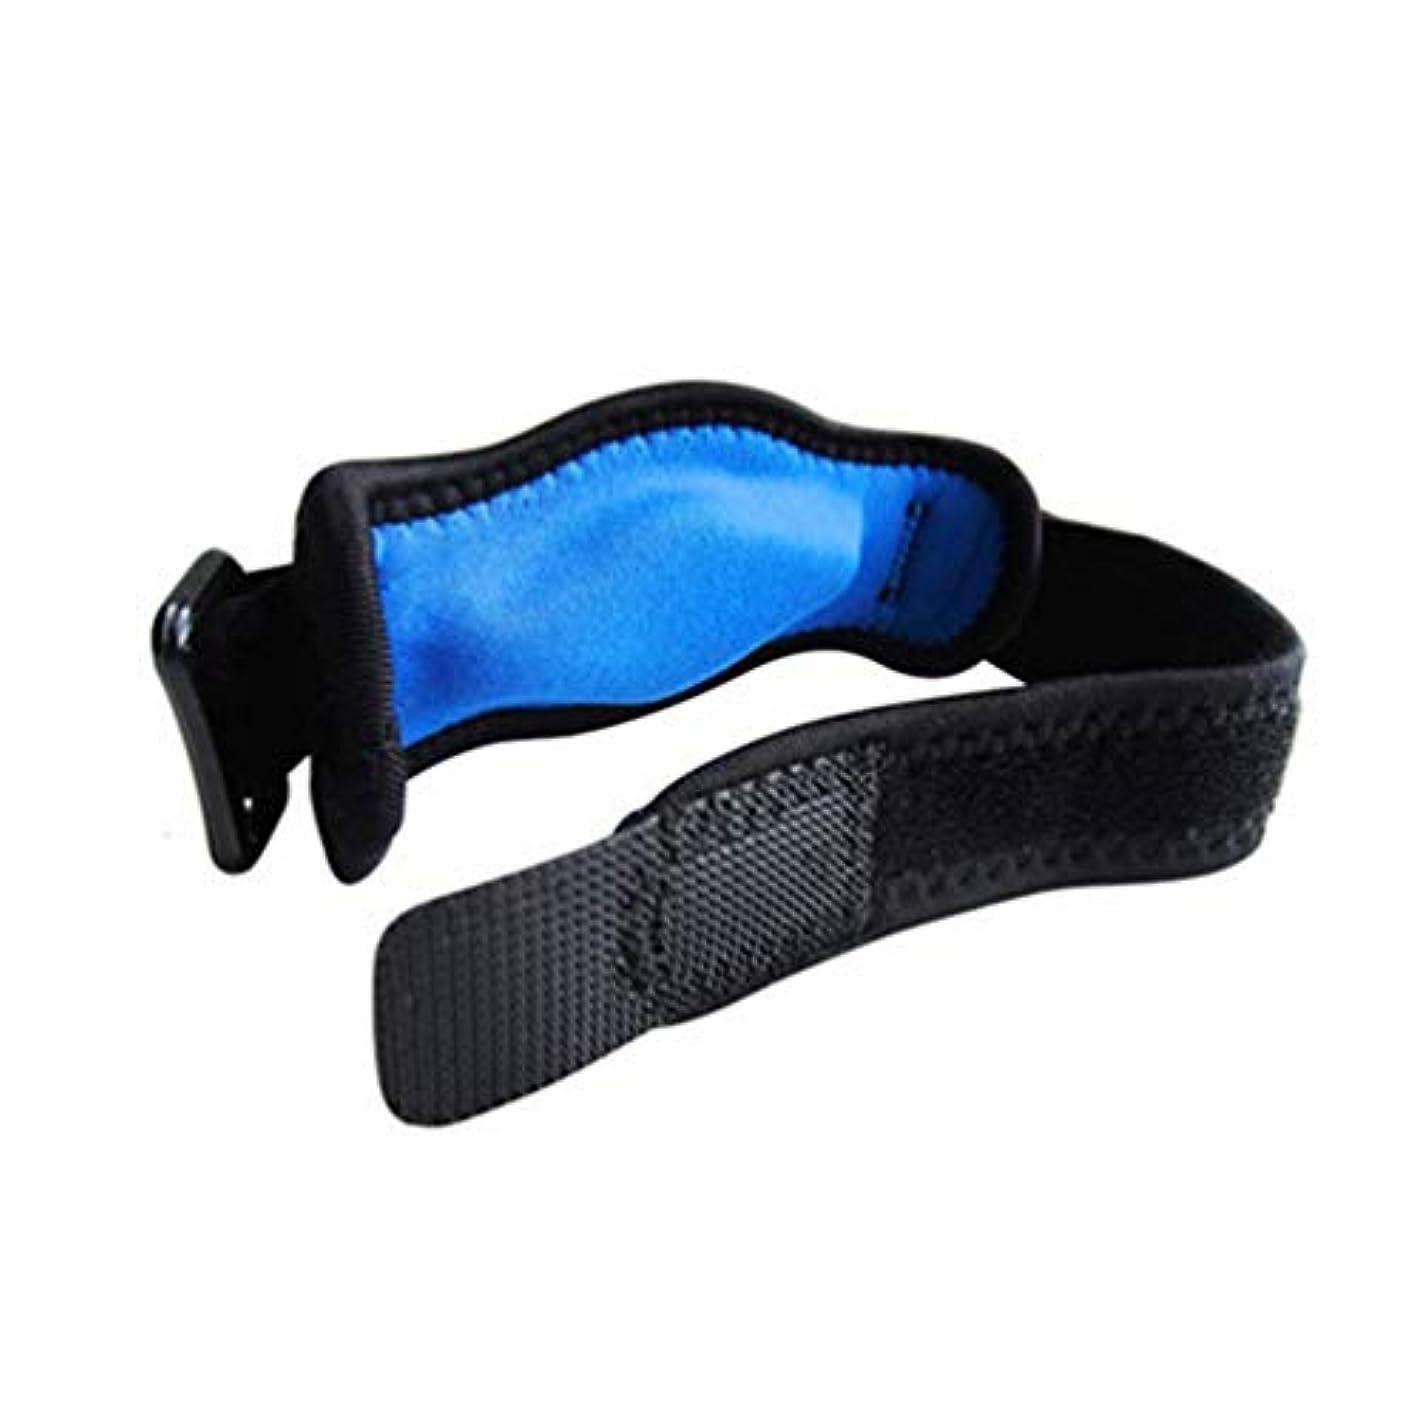 分数プランター付添人調節可能なテニス肘サポートストラップブレースゴルフ前腕痛み緩和 - 黒